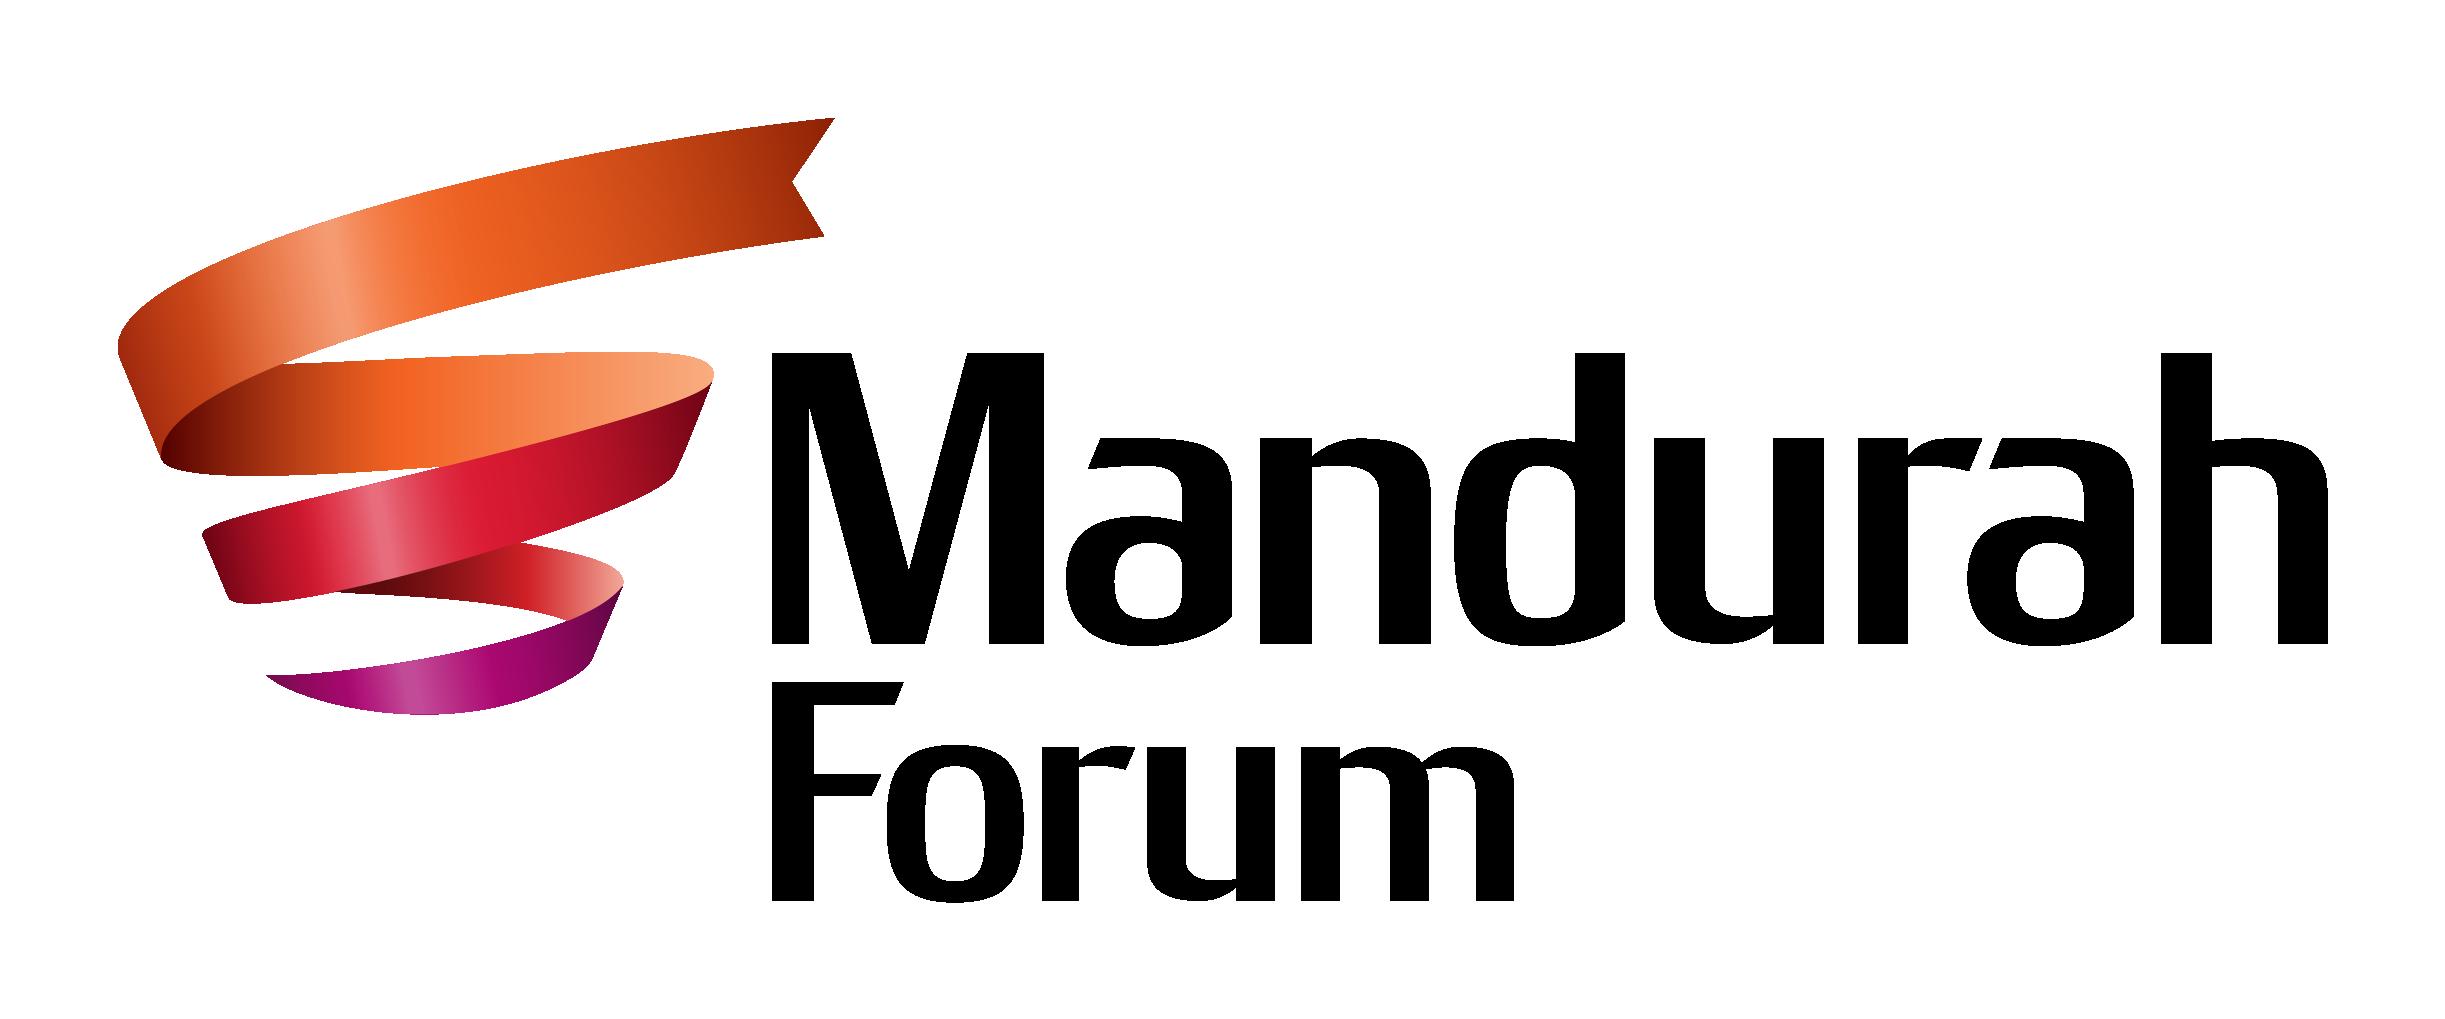 Mandurah Forum Logo